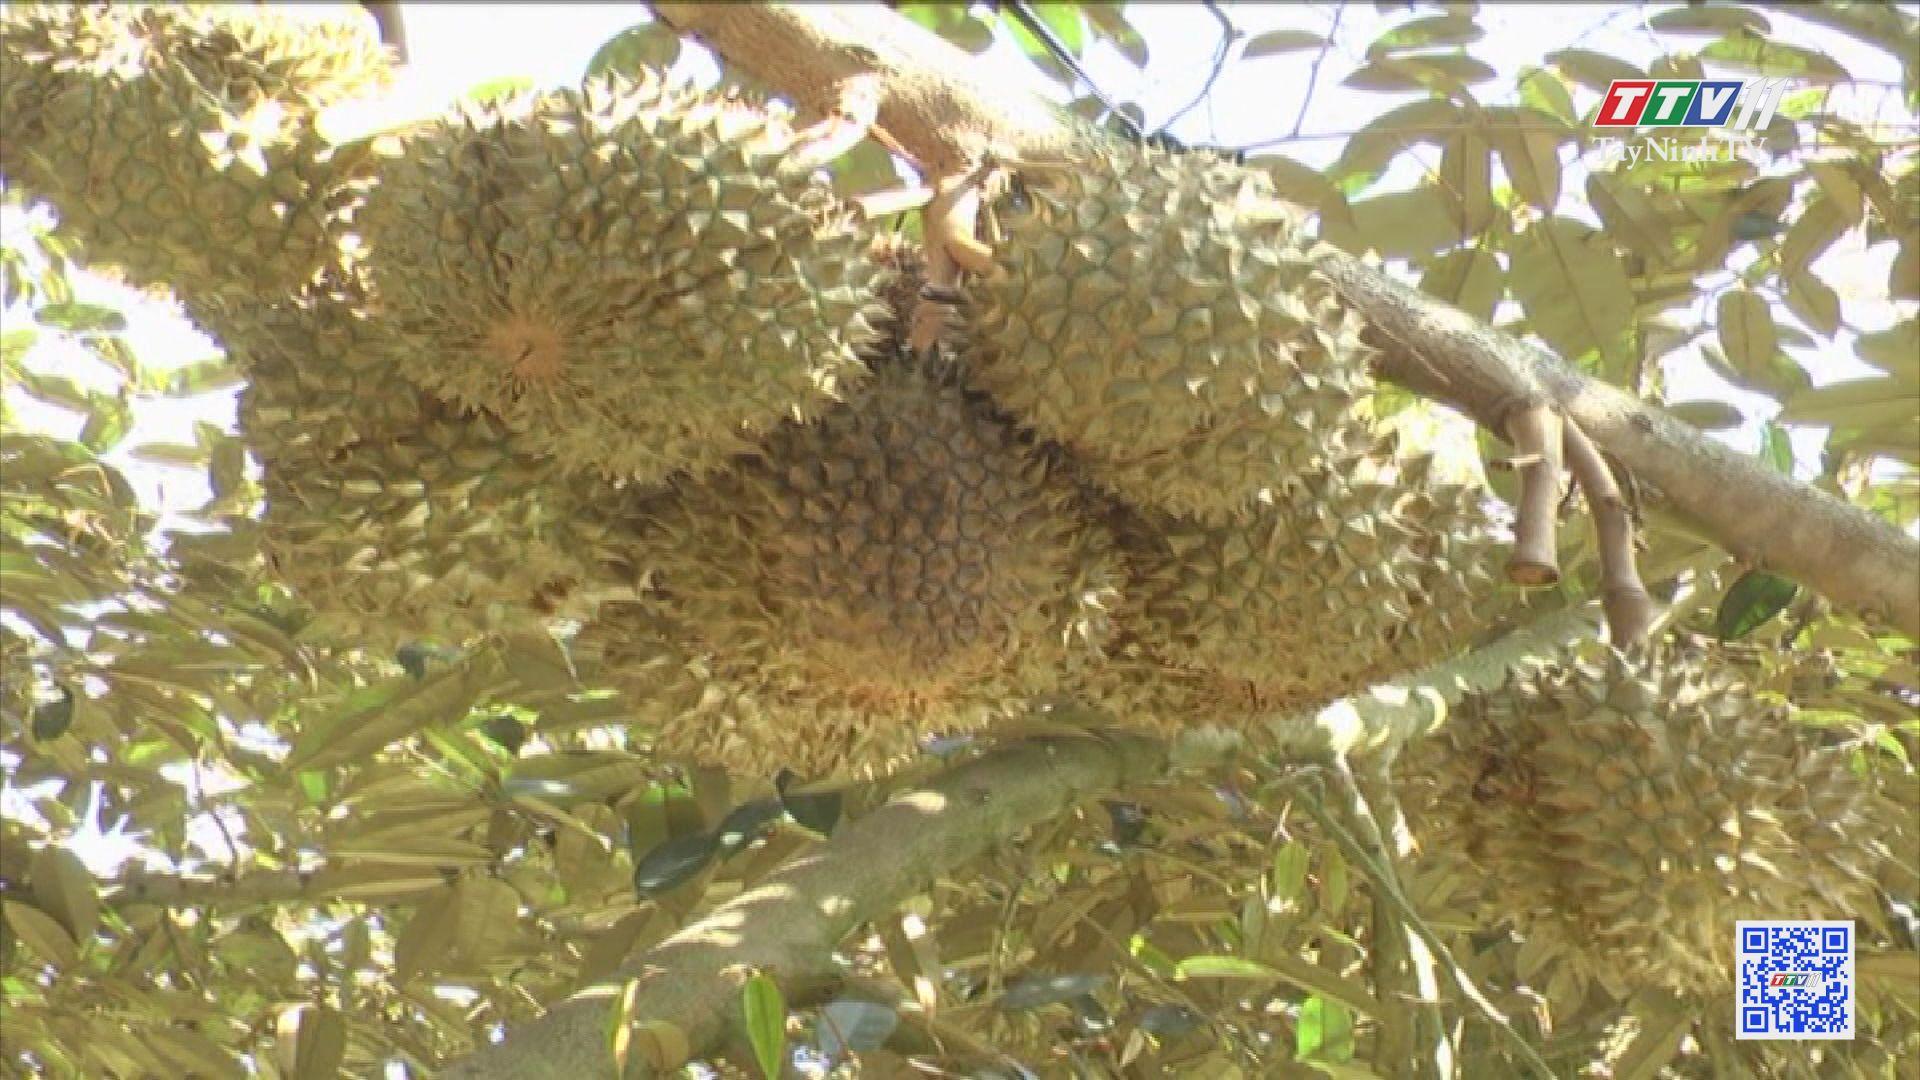 Trồng-chăm sóc cây sầu riêng | NÔNG NGHIỆP TÂY NINH | TayNinhTV